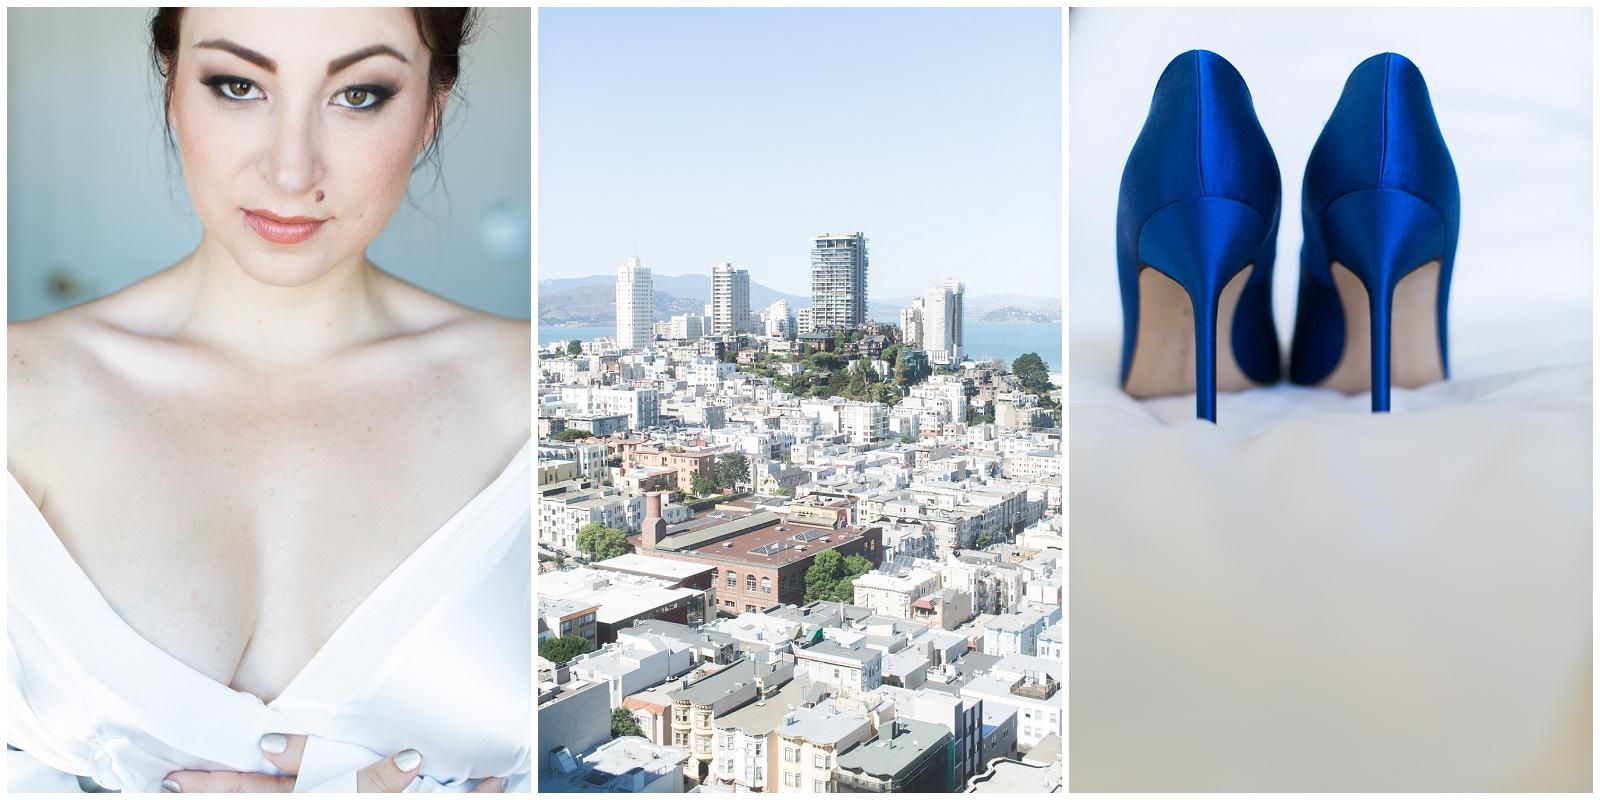 San-Francisco-Bay-Area-Wedding-Photography-Fairmont-1.jpg